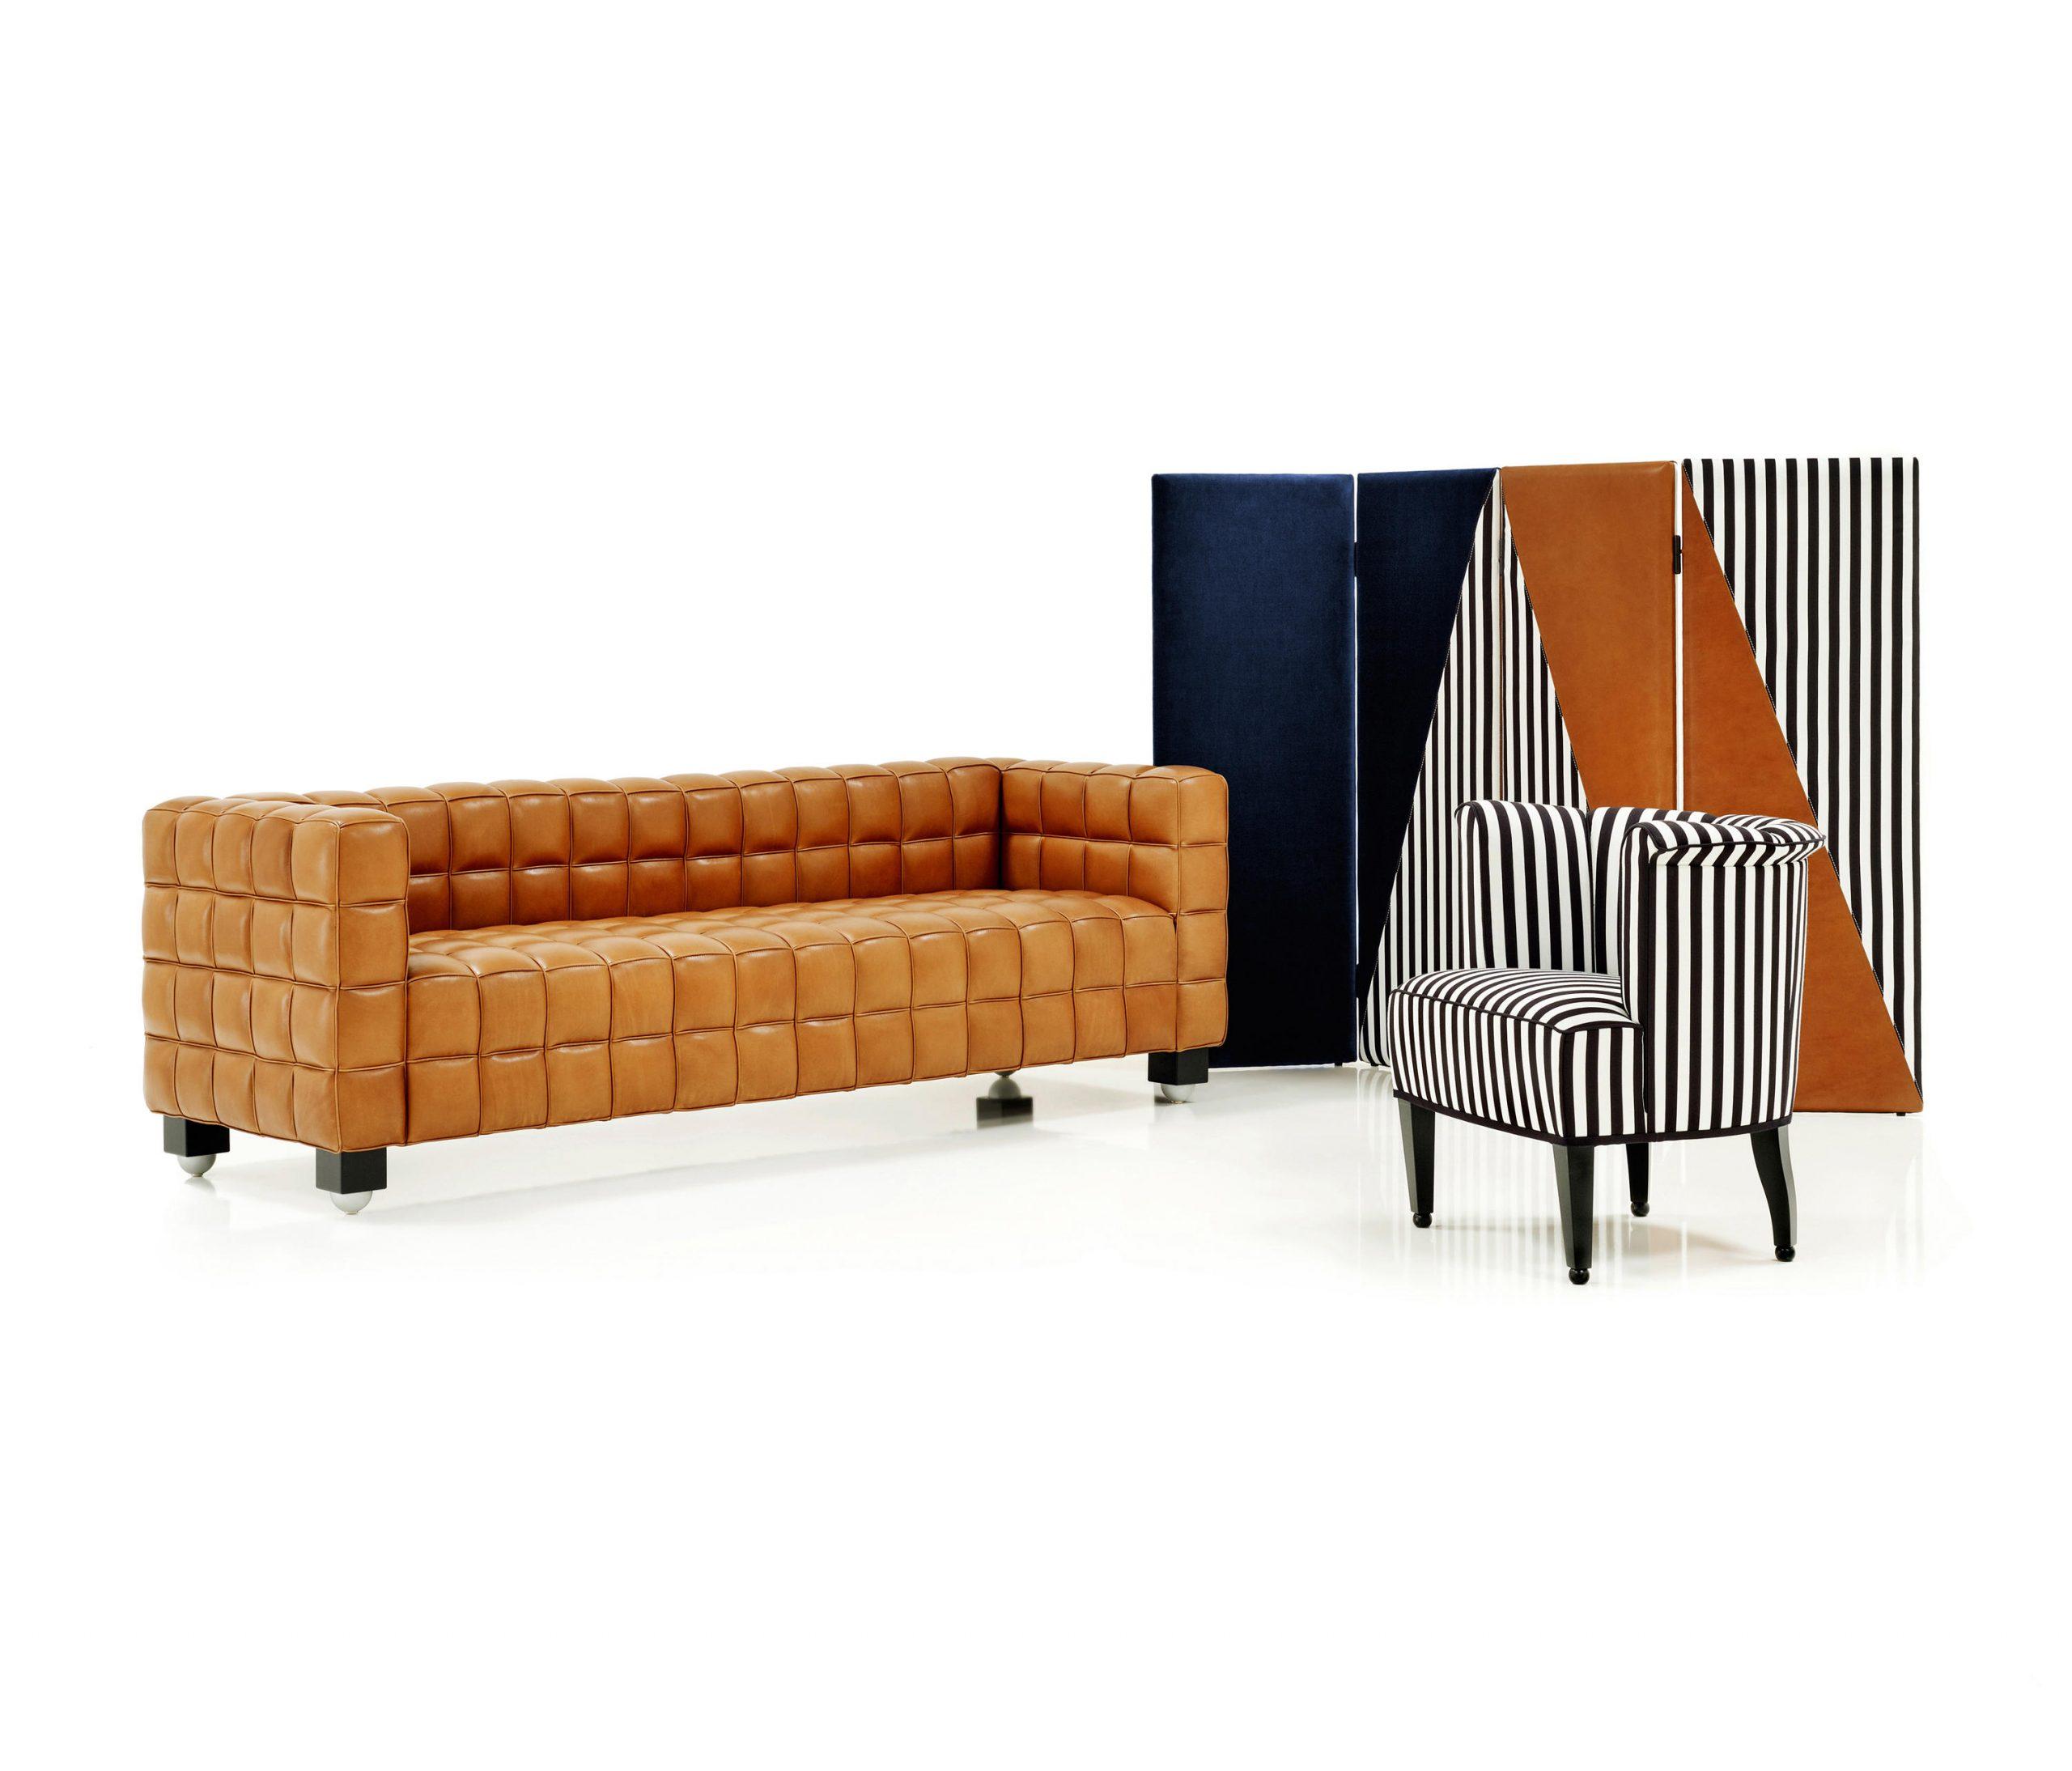 Full Size of Paravent Outdoor Amazon Balkon Ikea Metall Küche Edelstahl Garten Kaufen Wohnzimmer Paravent Outdoor